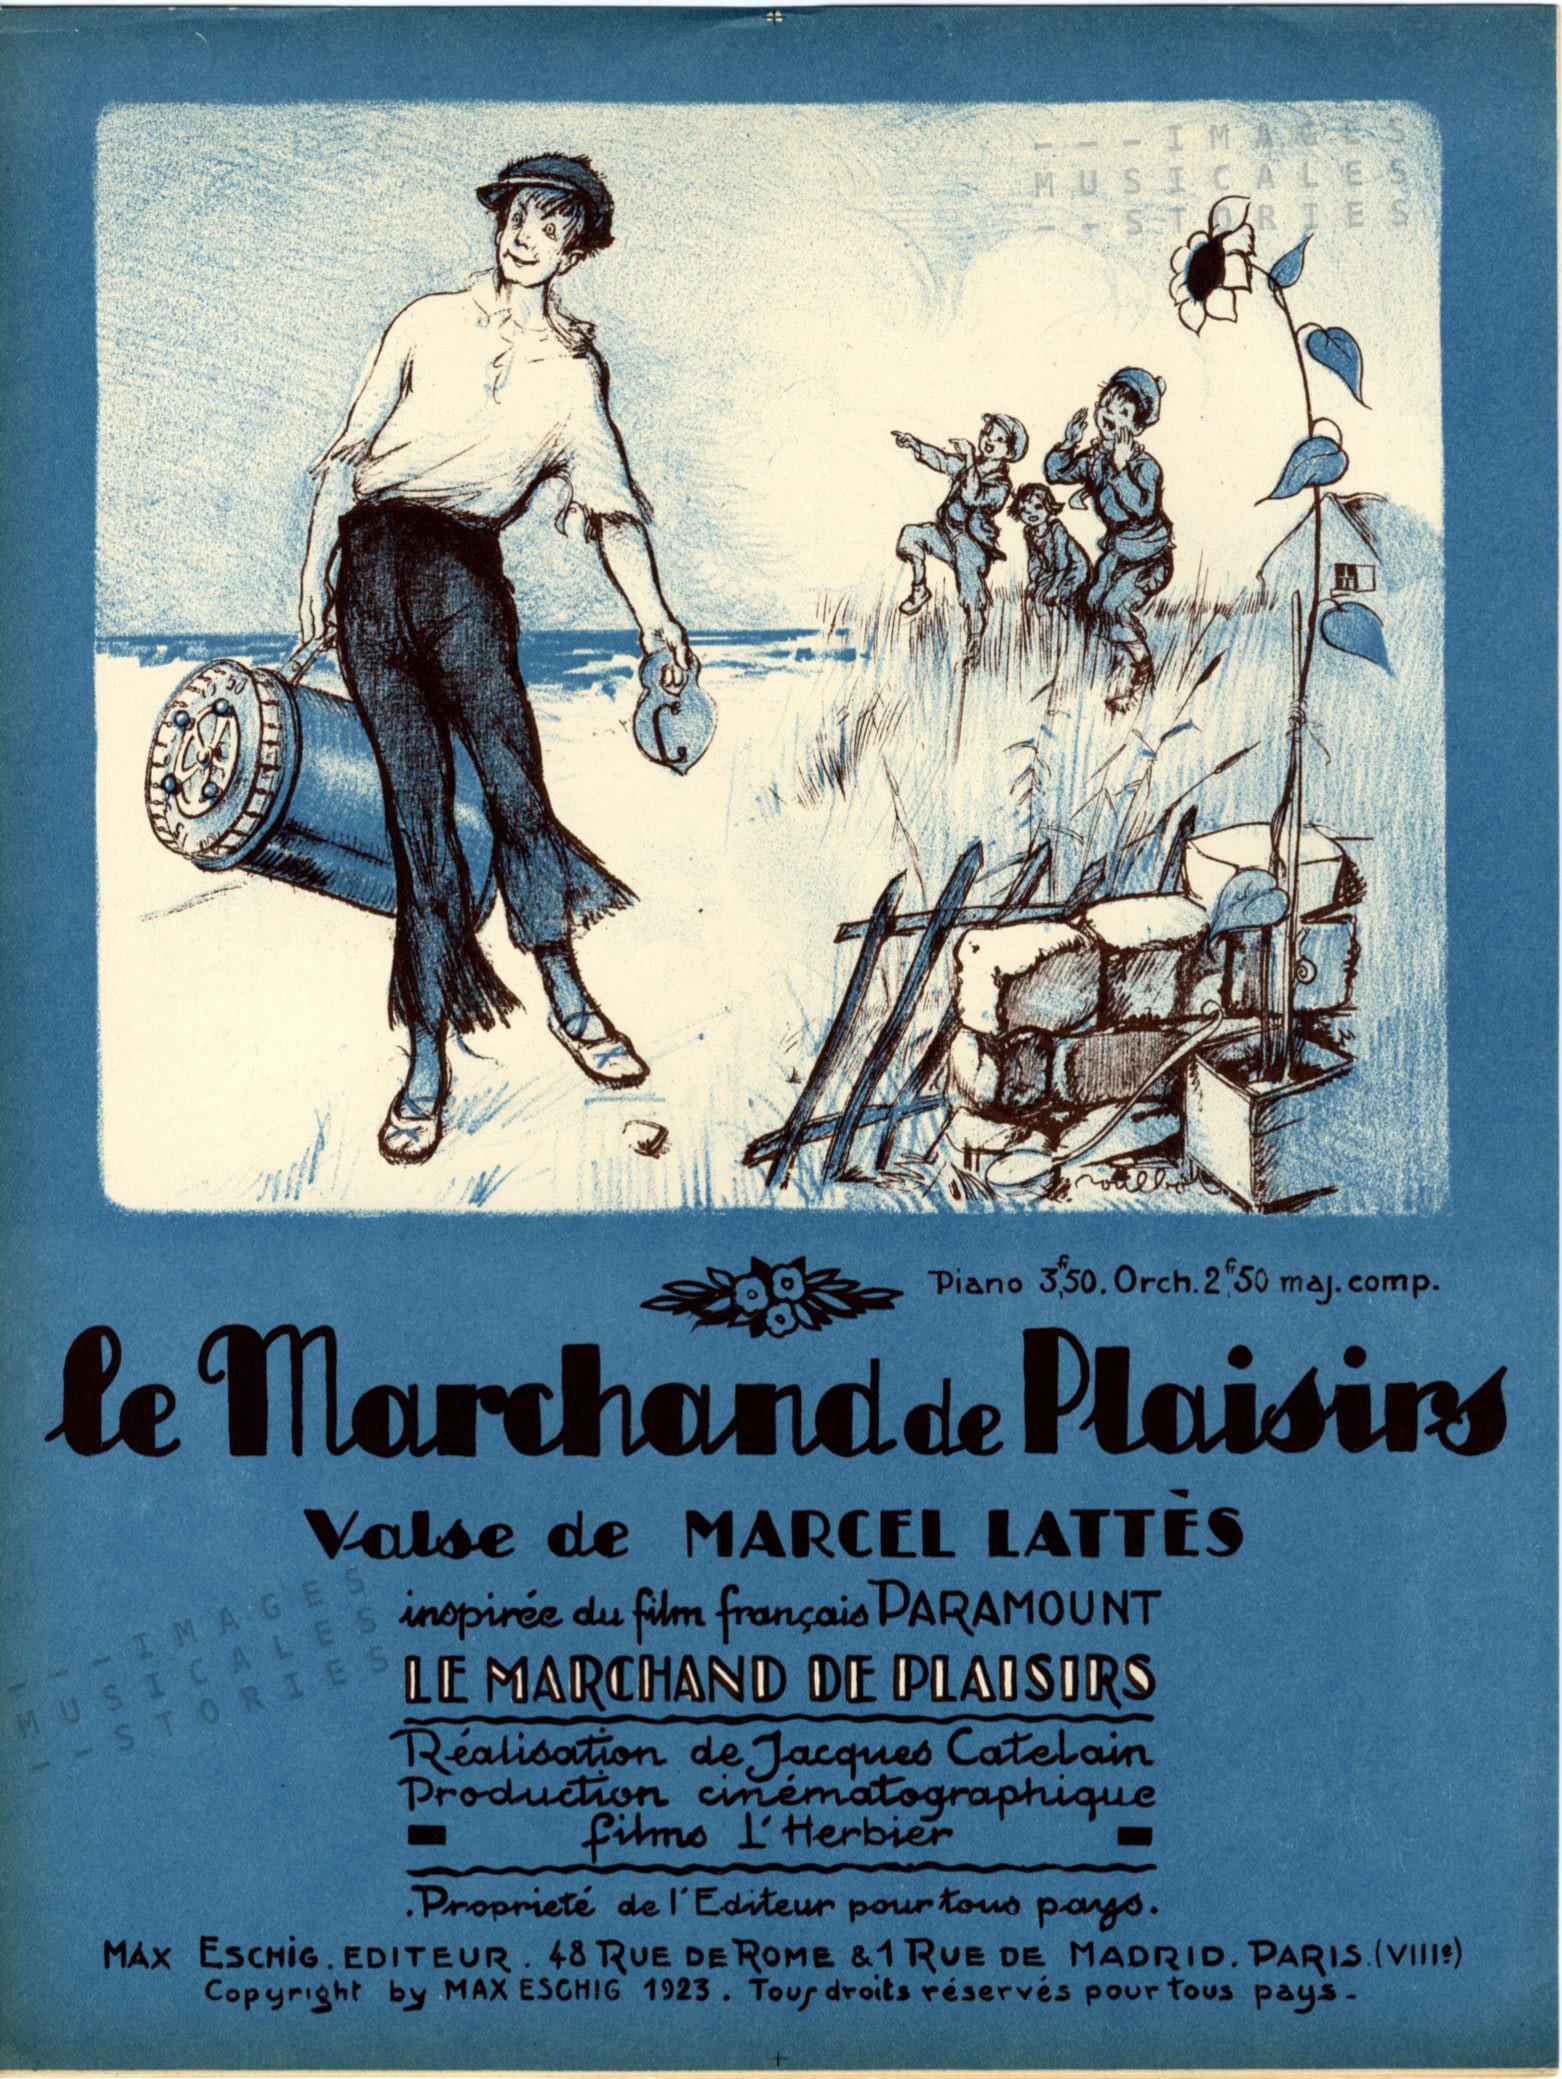 'Le Marchand de Plaisirs', partition musicale illustrée par Poulbot